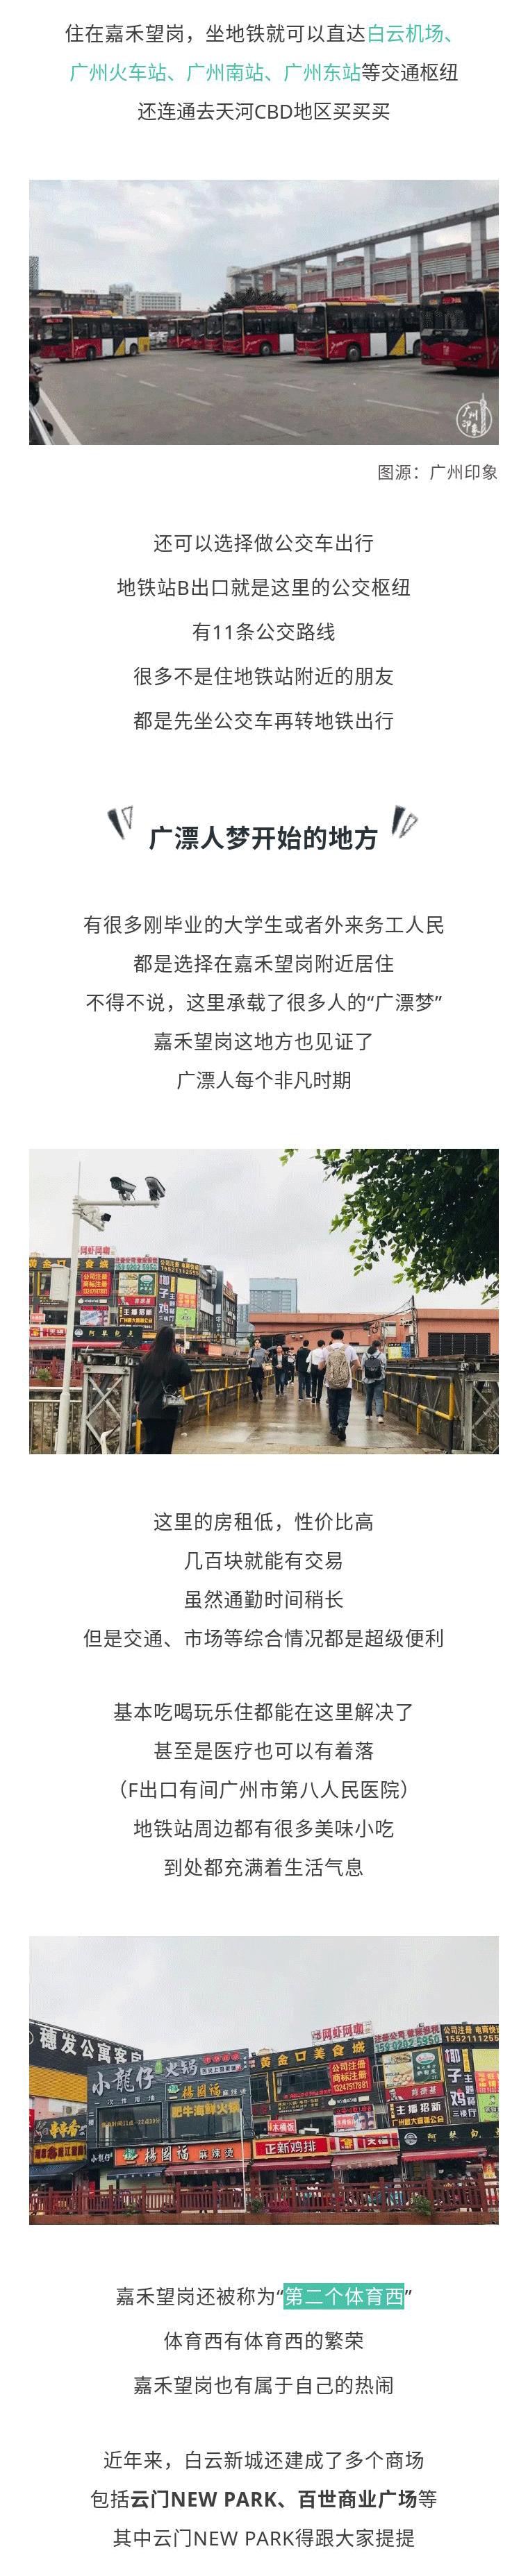 芋观园长图_03.png